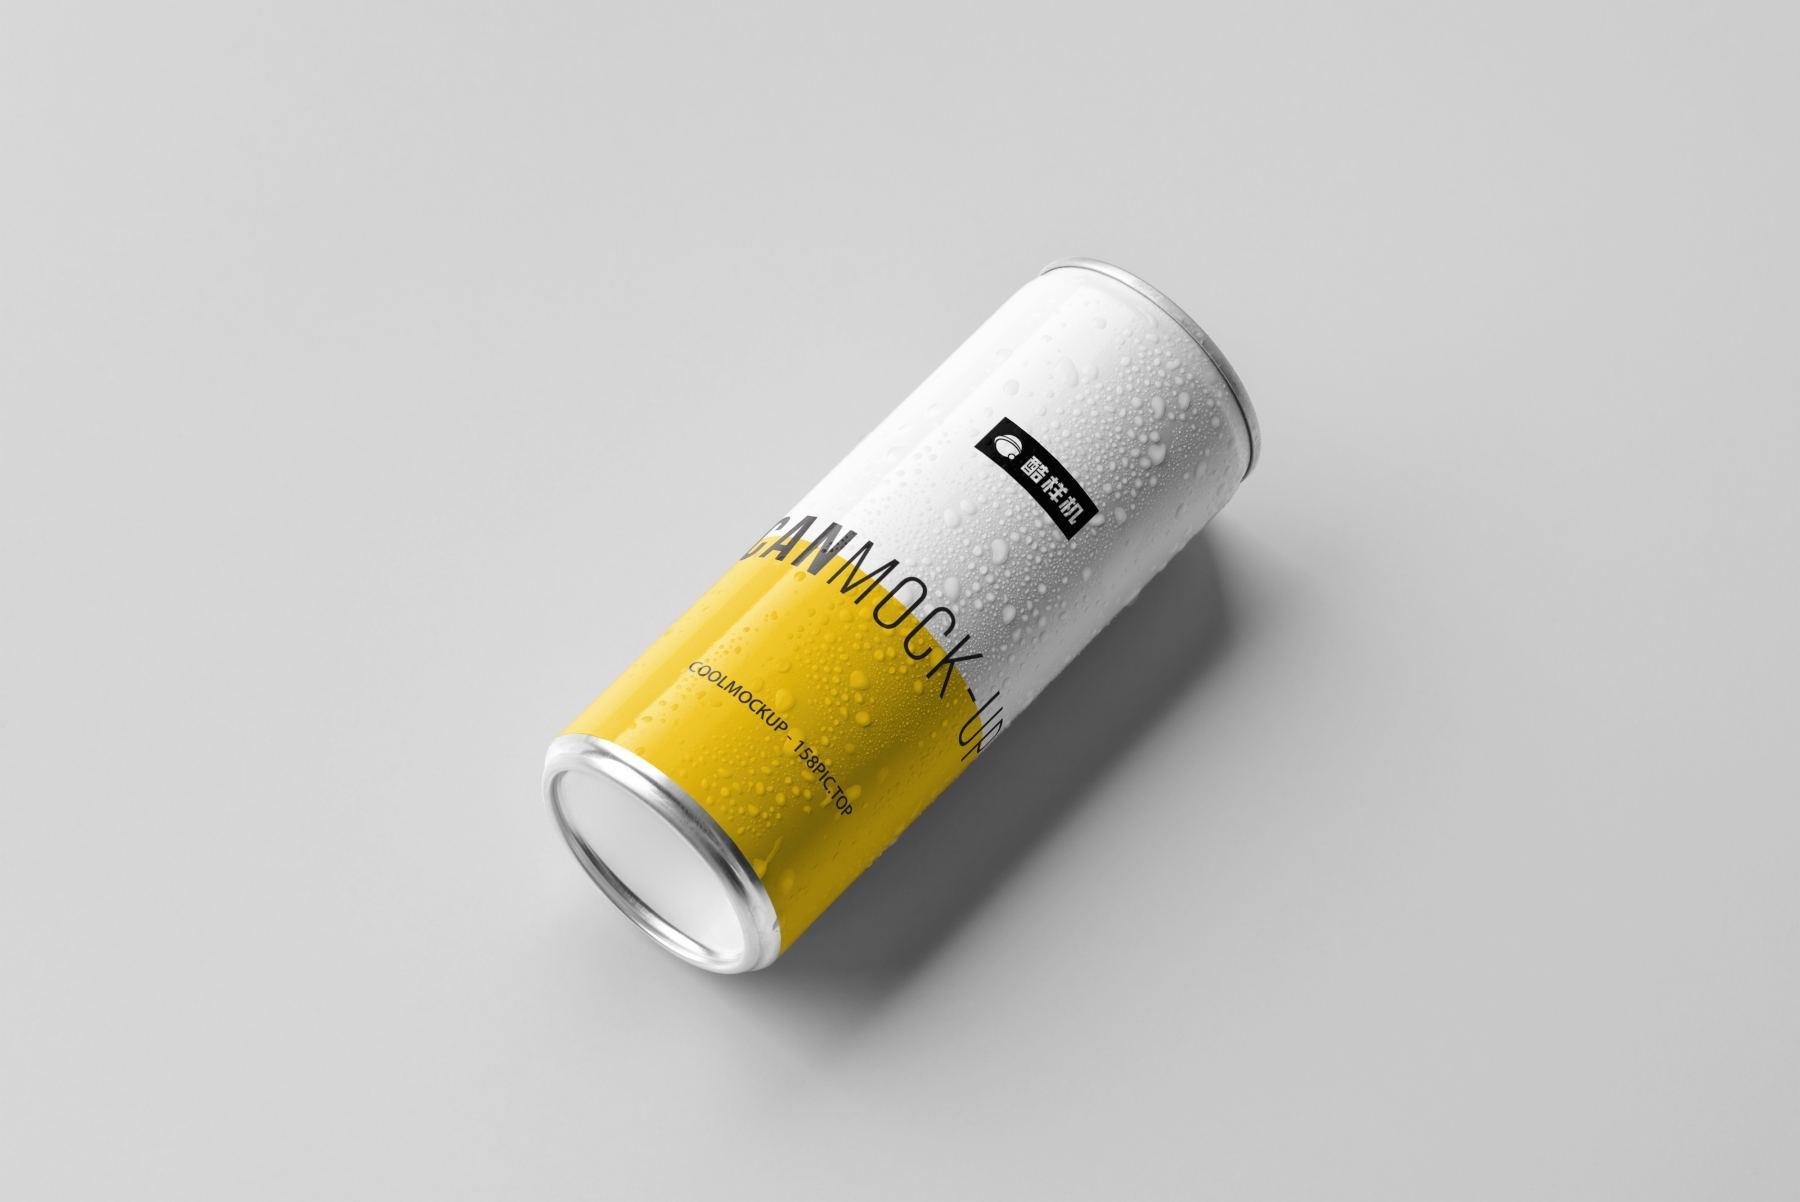 135f0d93e9471f0 - 简约饮料啤酒包装易拉罐样机